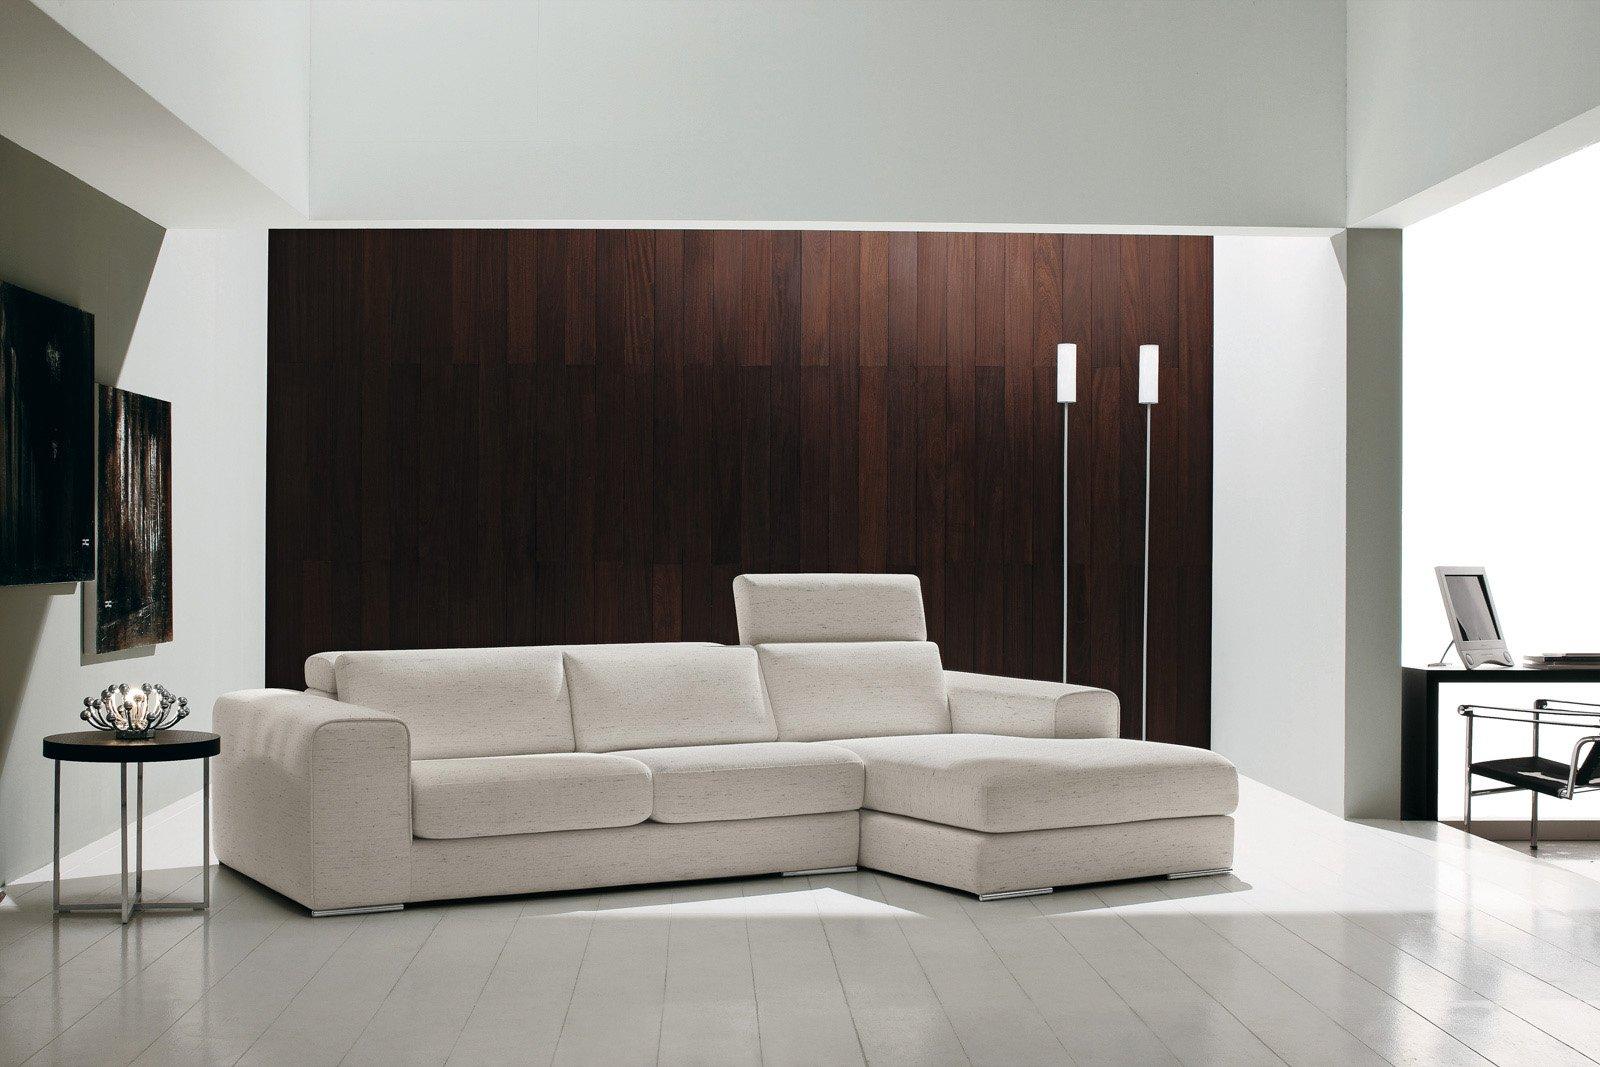 Divani con meccanismi per ogni tipo di relax cose di casa for Divani e divani pelle